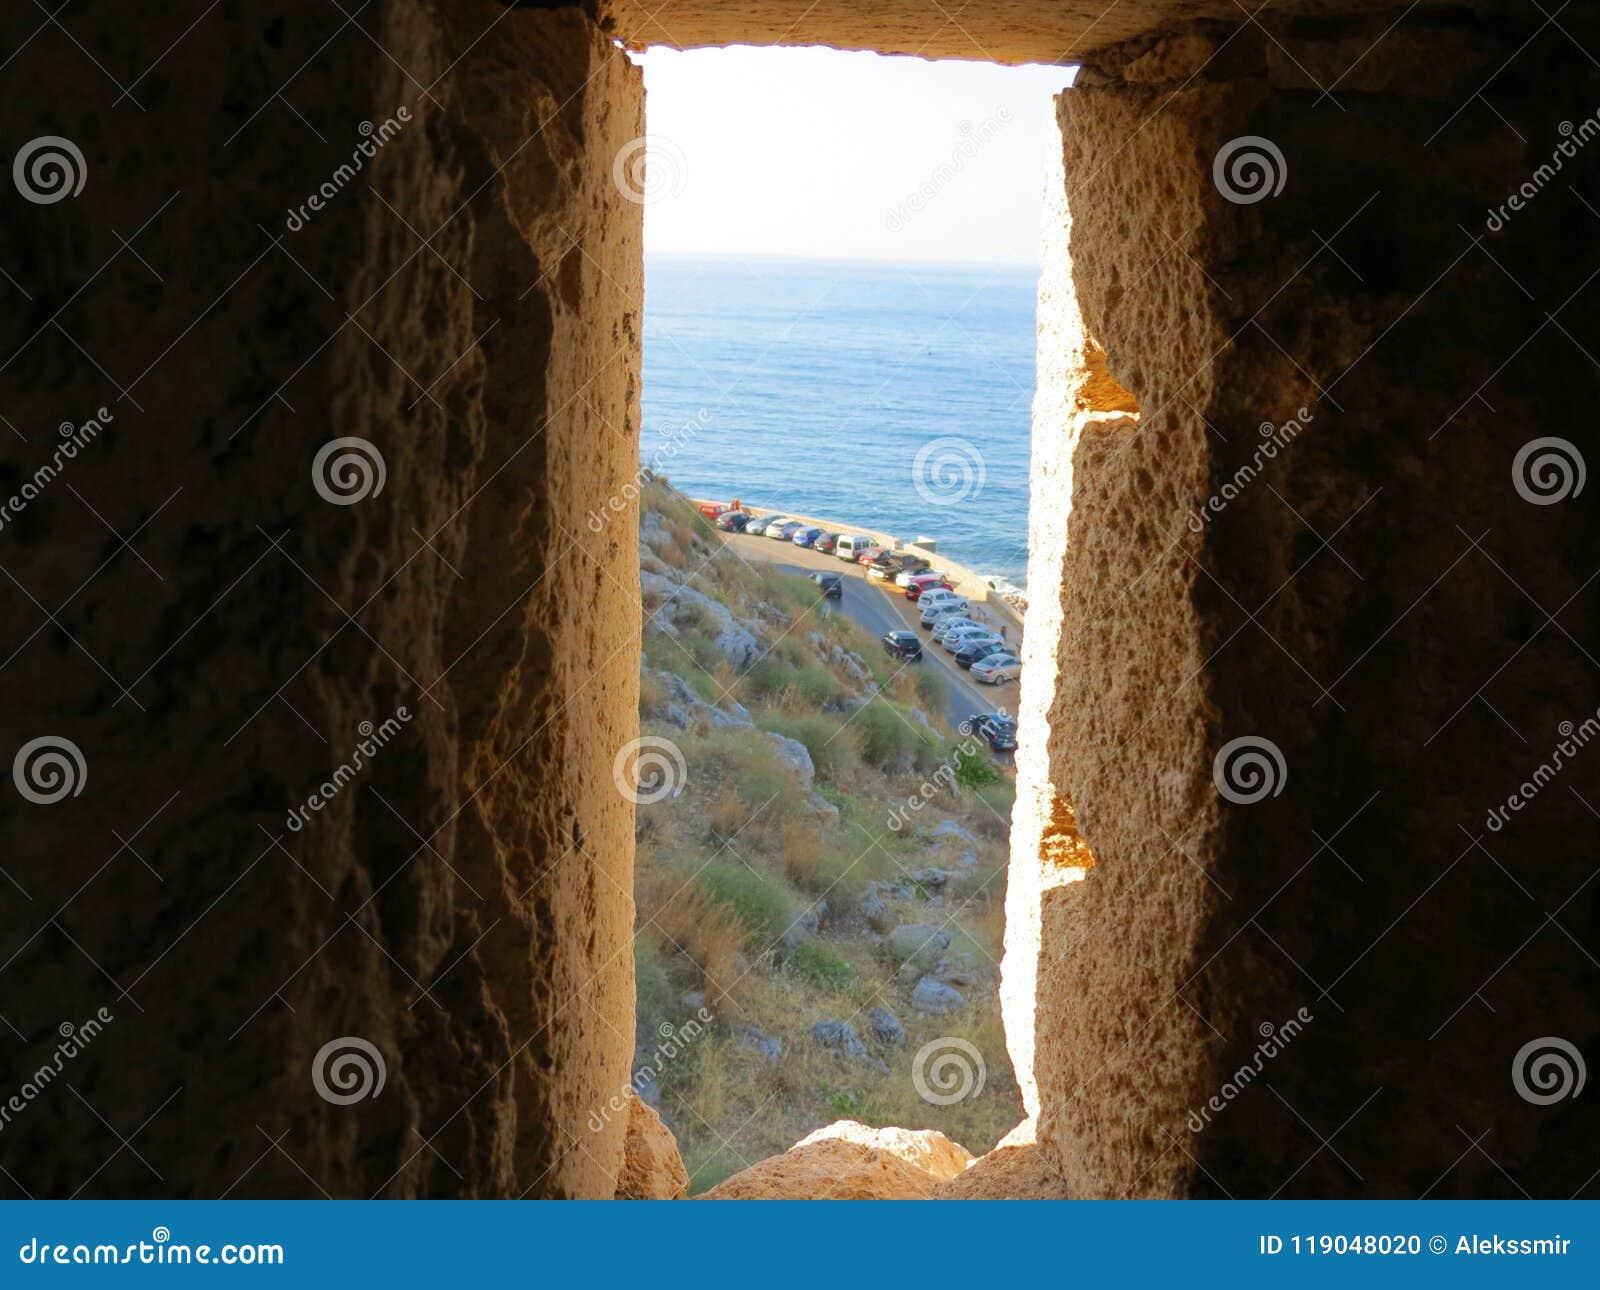 Rethymnon et la forteresse célèbre de Fortezza